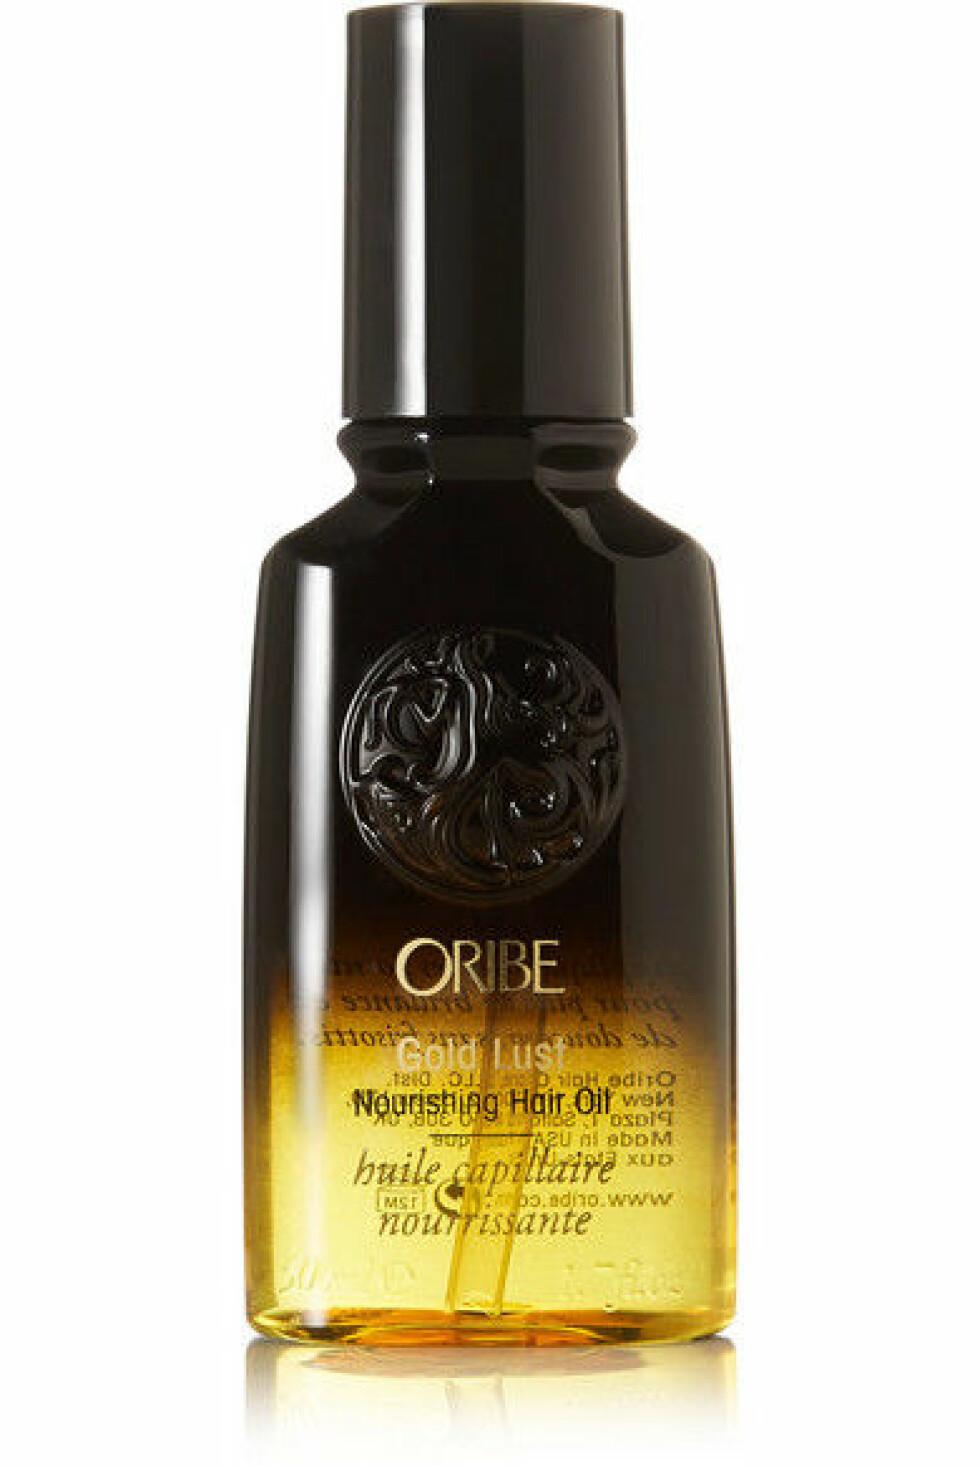 Hårolje fra Oribe |416,-|https://www.net-a-porter.com/no/en/product/960308/Oribe/gold-lust-nourishing-hair-oil-50ml